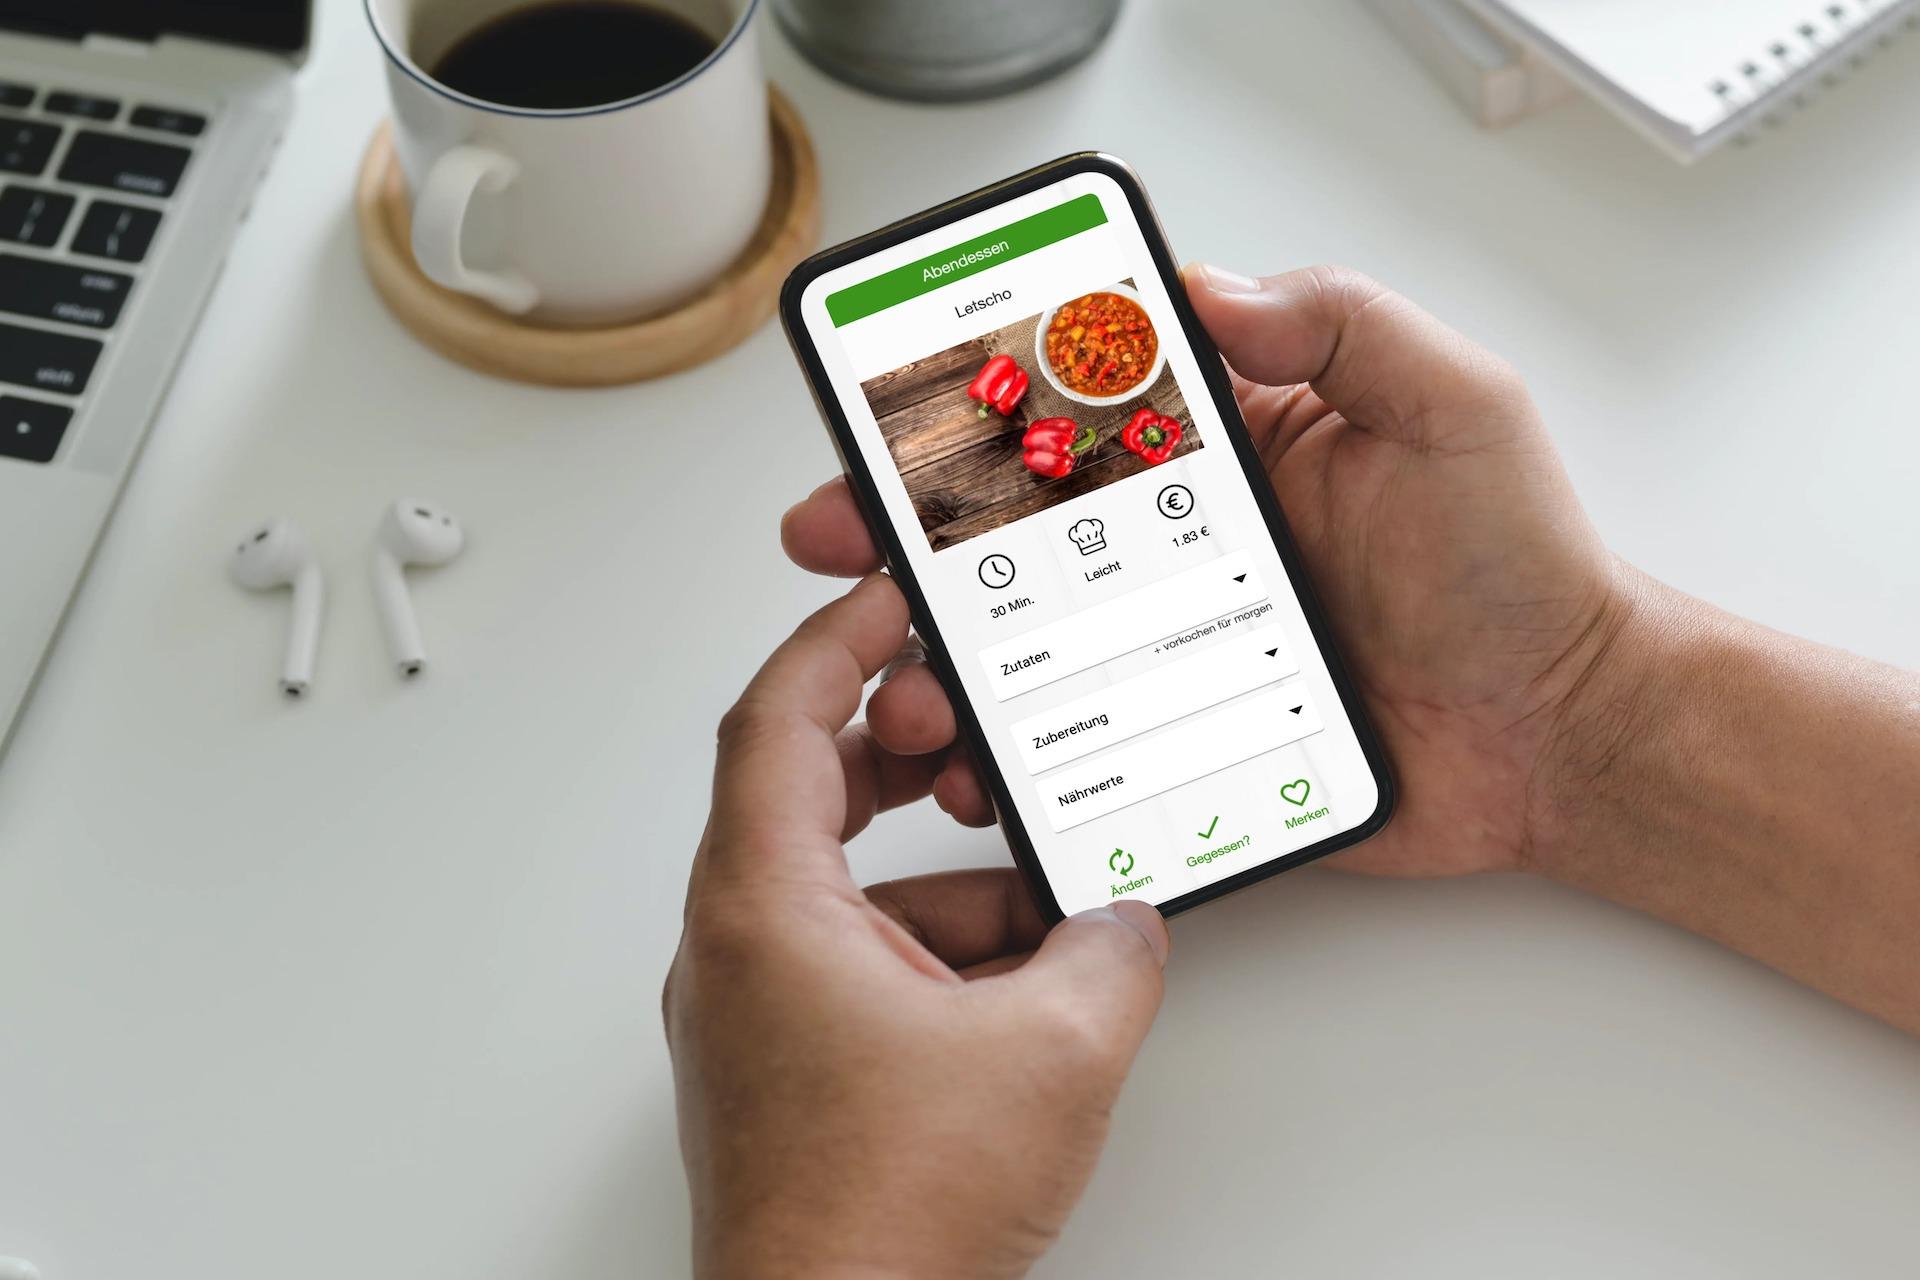 Ernährungs-App für Kunden von Personal Trainern, Ernährungsberatern, Fitnessstudios - Ernährungs-Software von Natty Gains